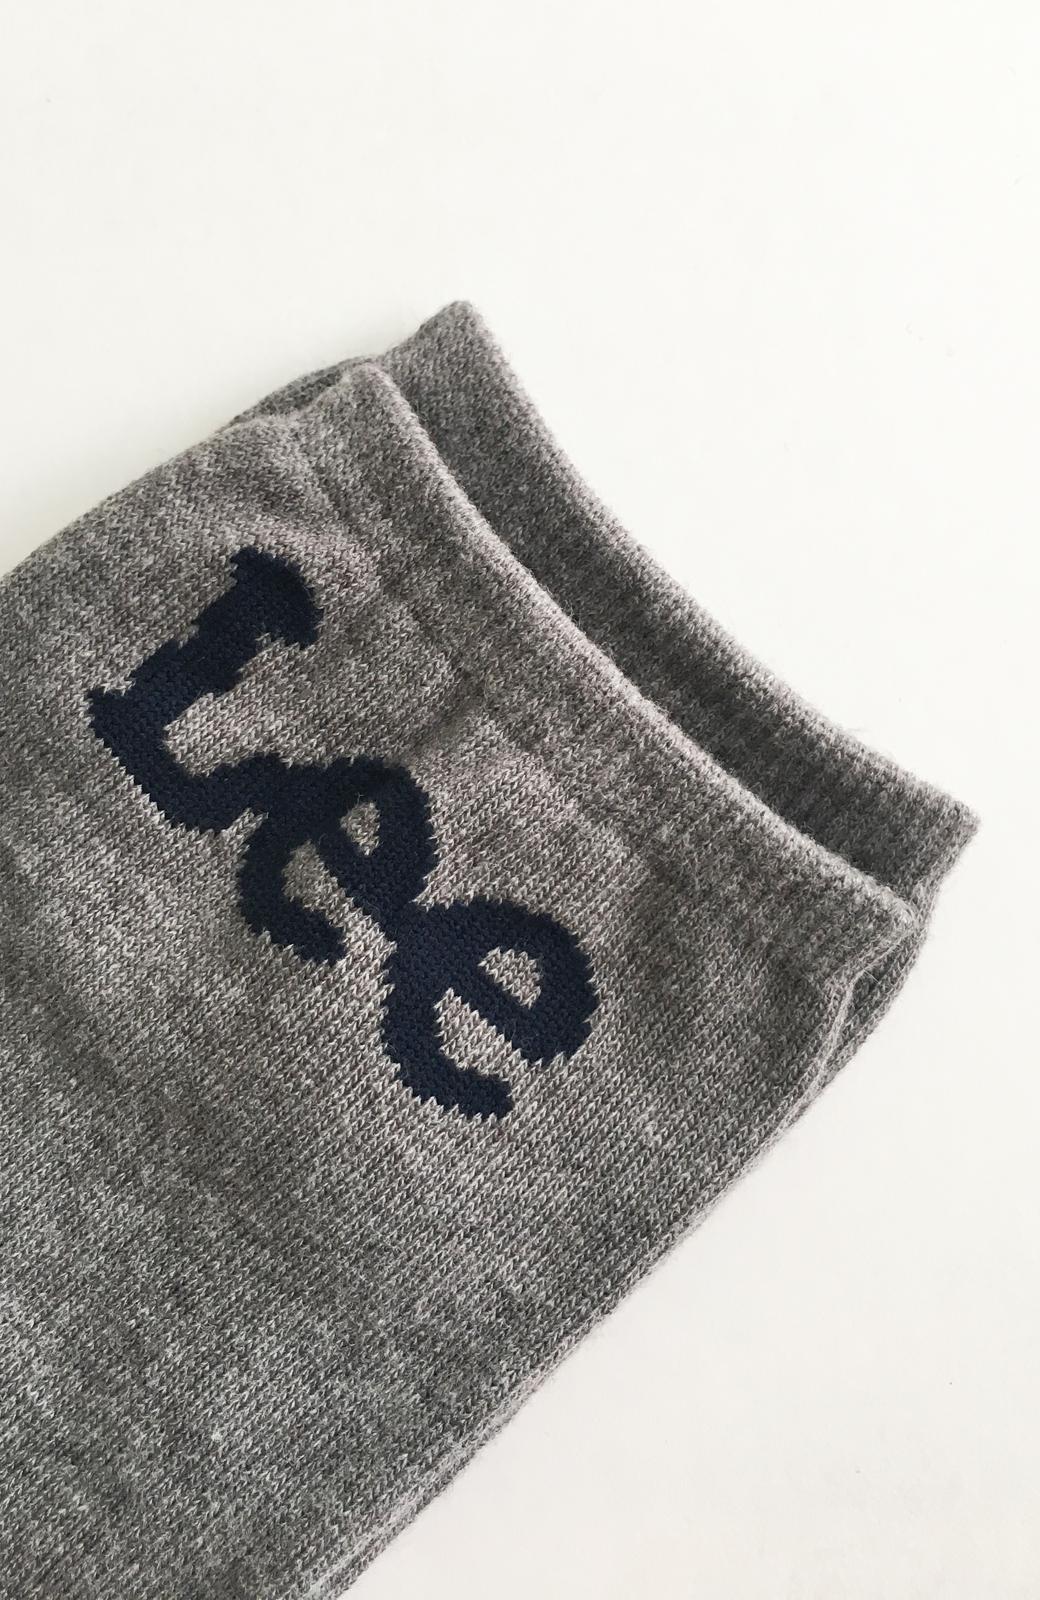 haco! Lee ロゴがかわいいハイカットソックス <グレー>の商品写真4